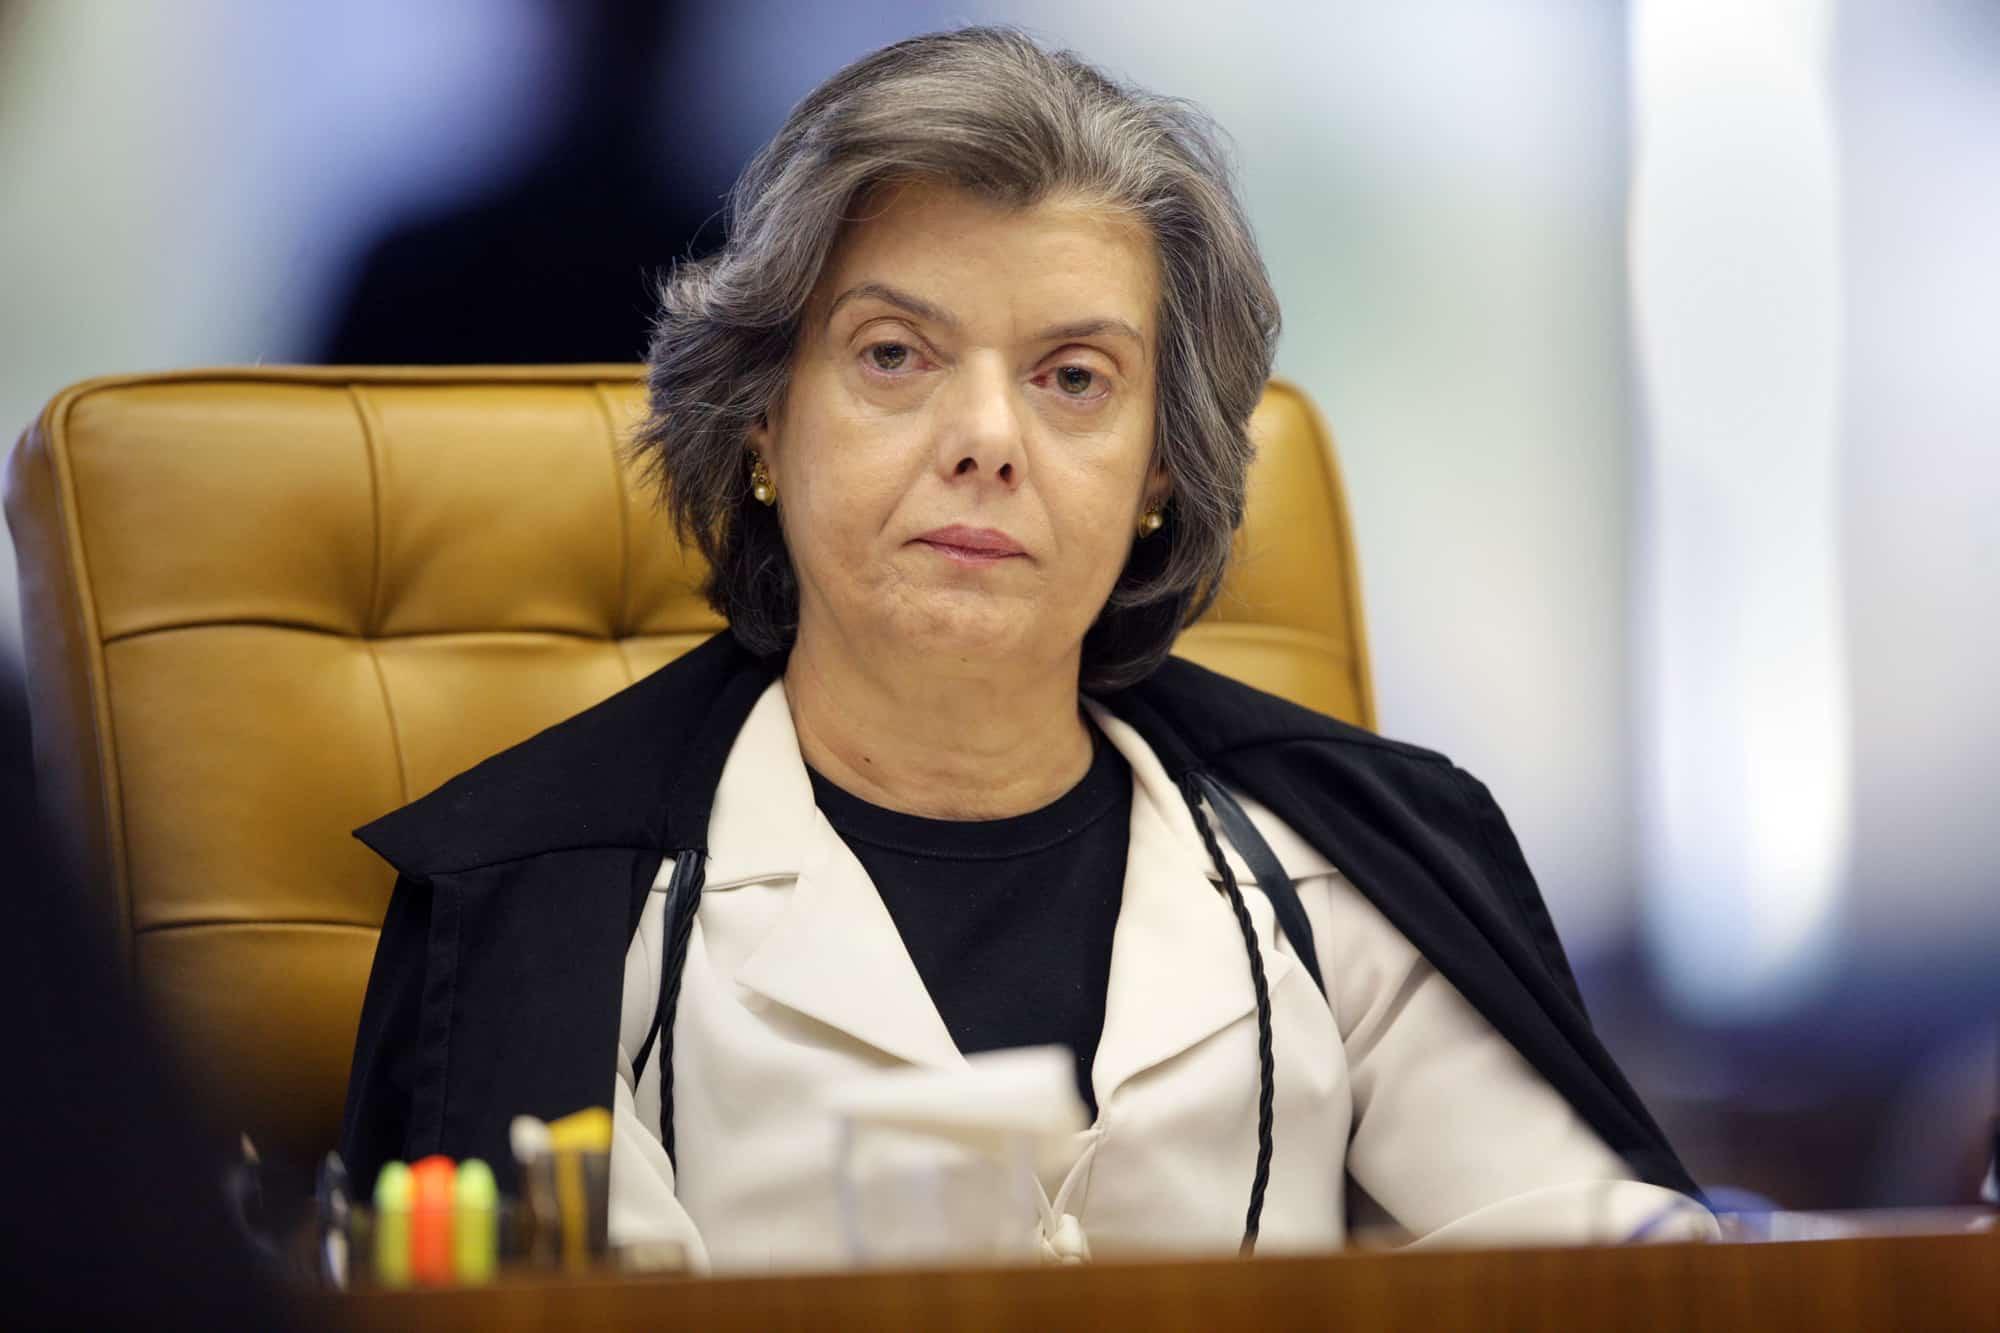 Ministra Cármen Lúcia - Atual Presidente do STF